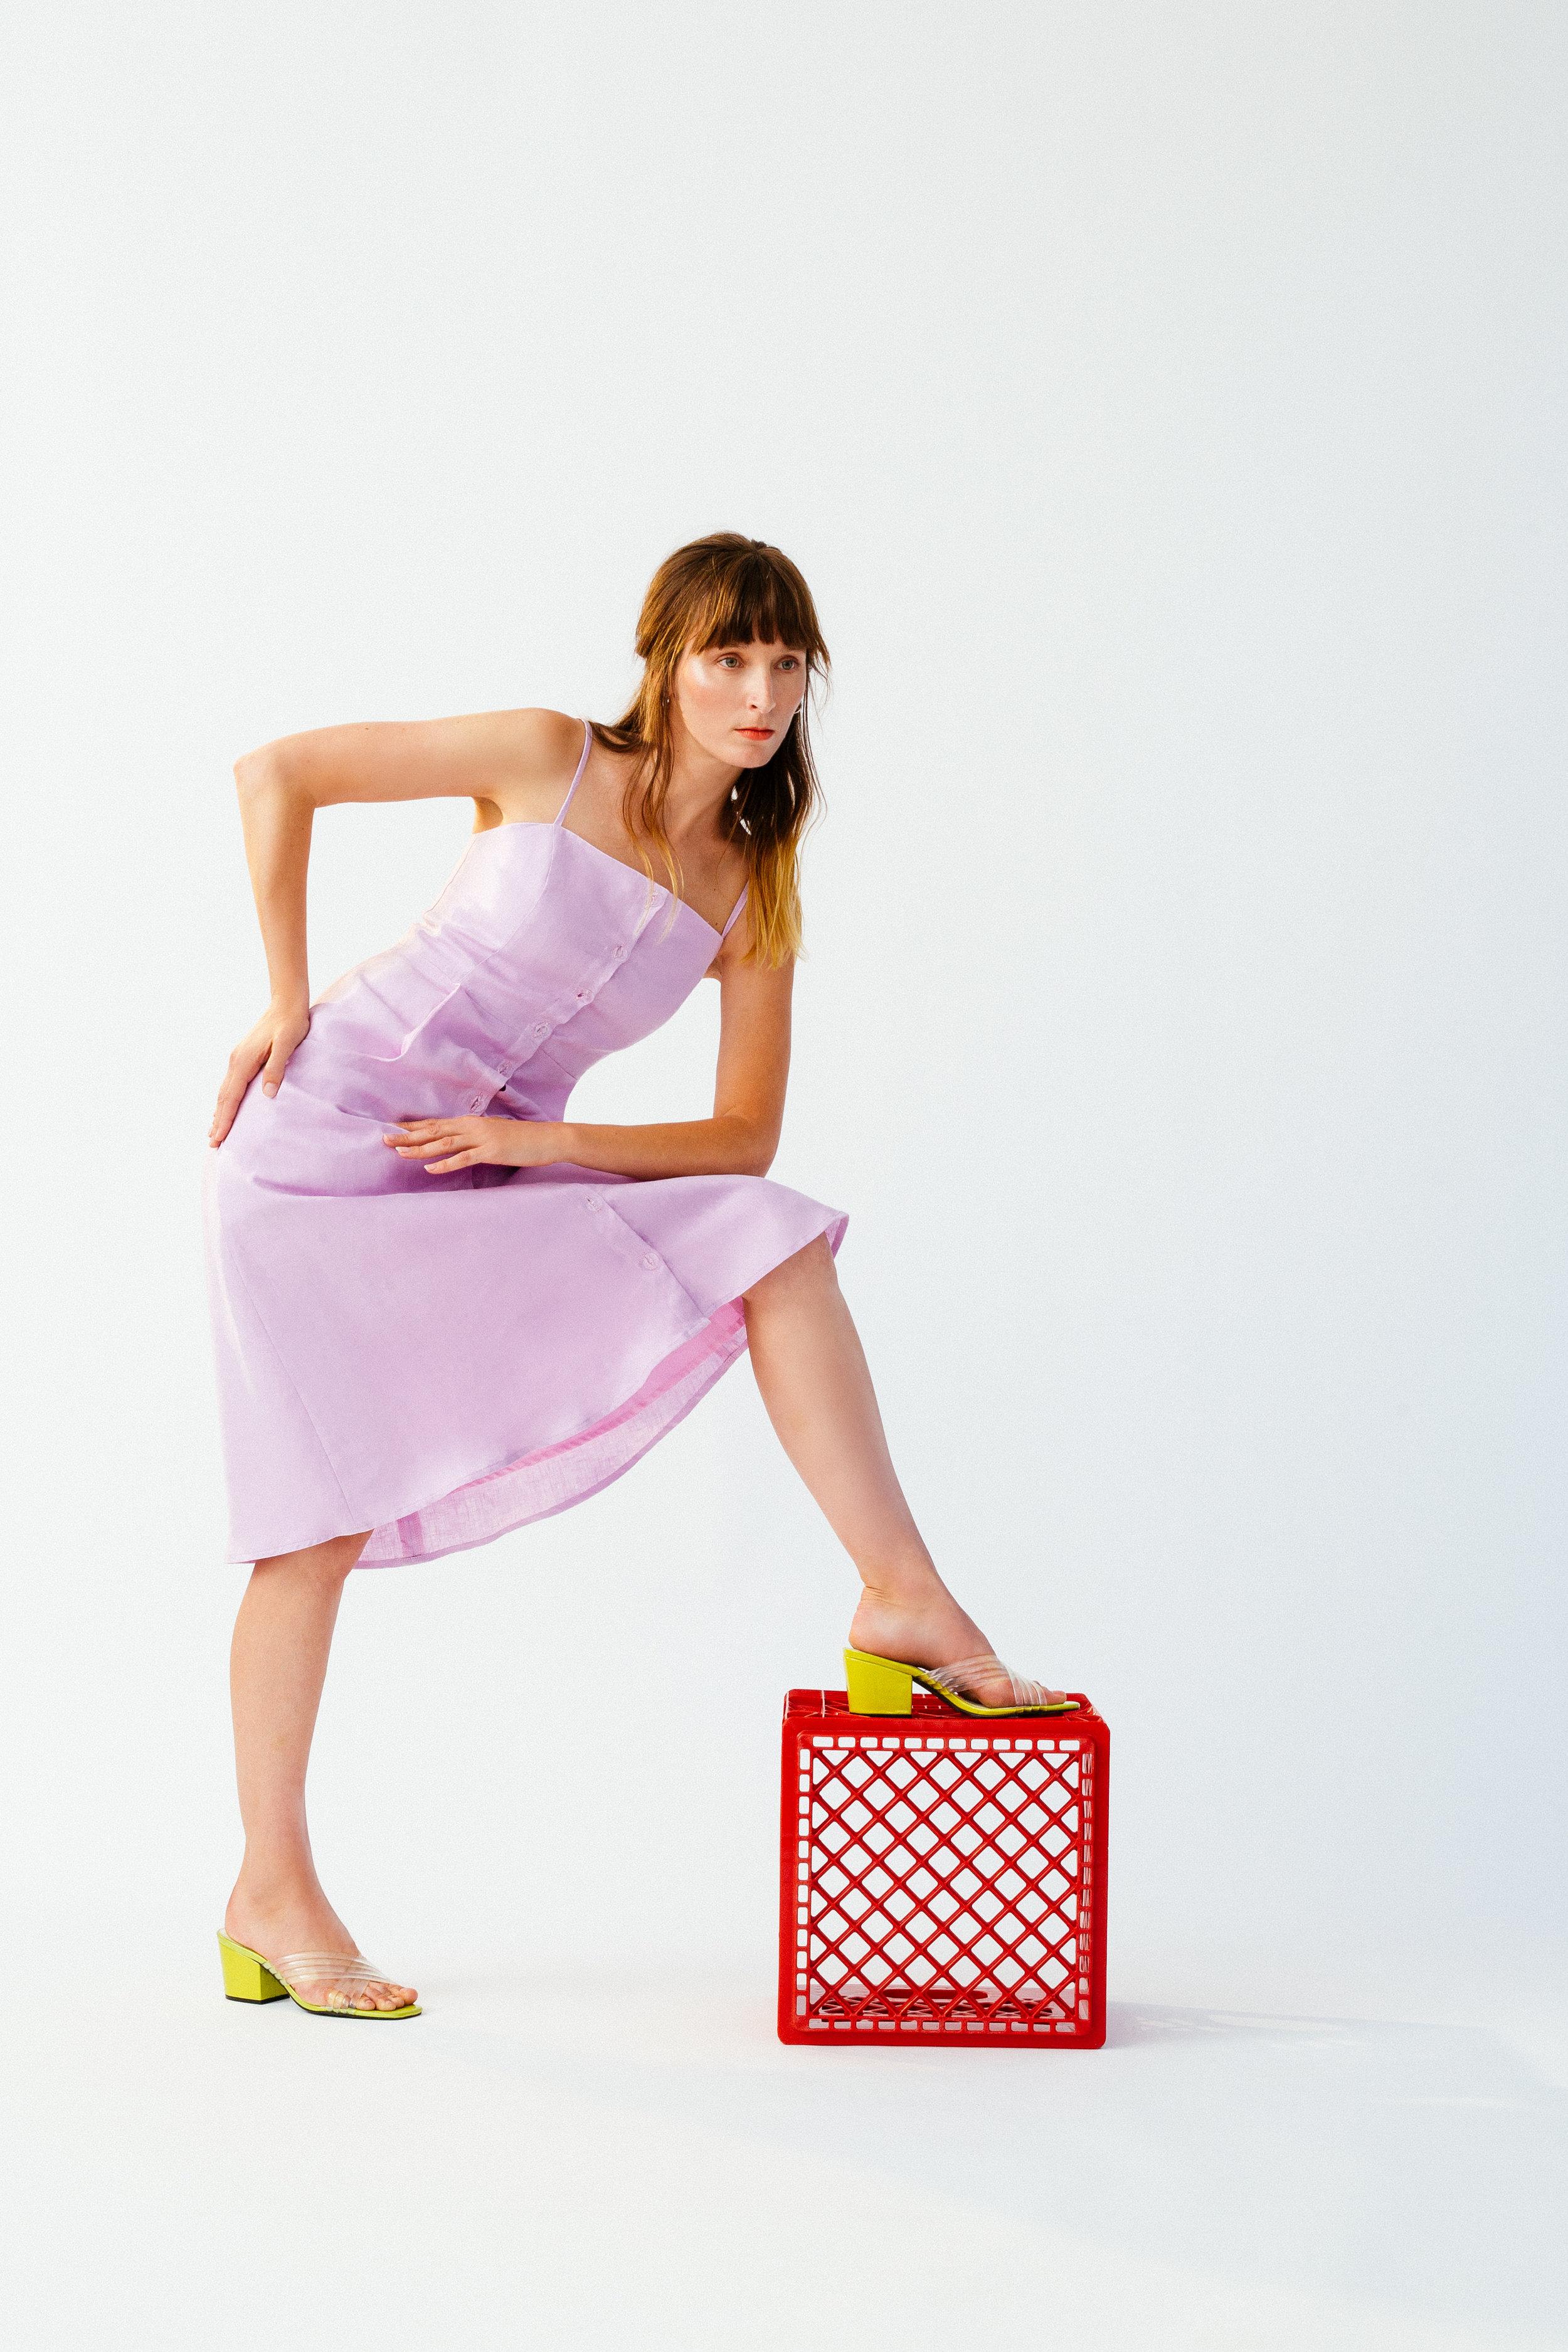 ellice ruiz_sustainable workwear_ethical fashion.jpg